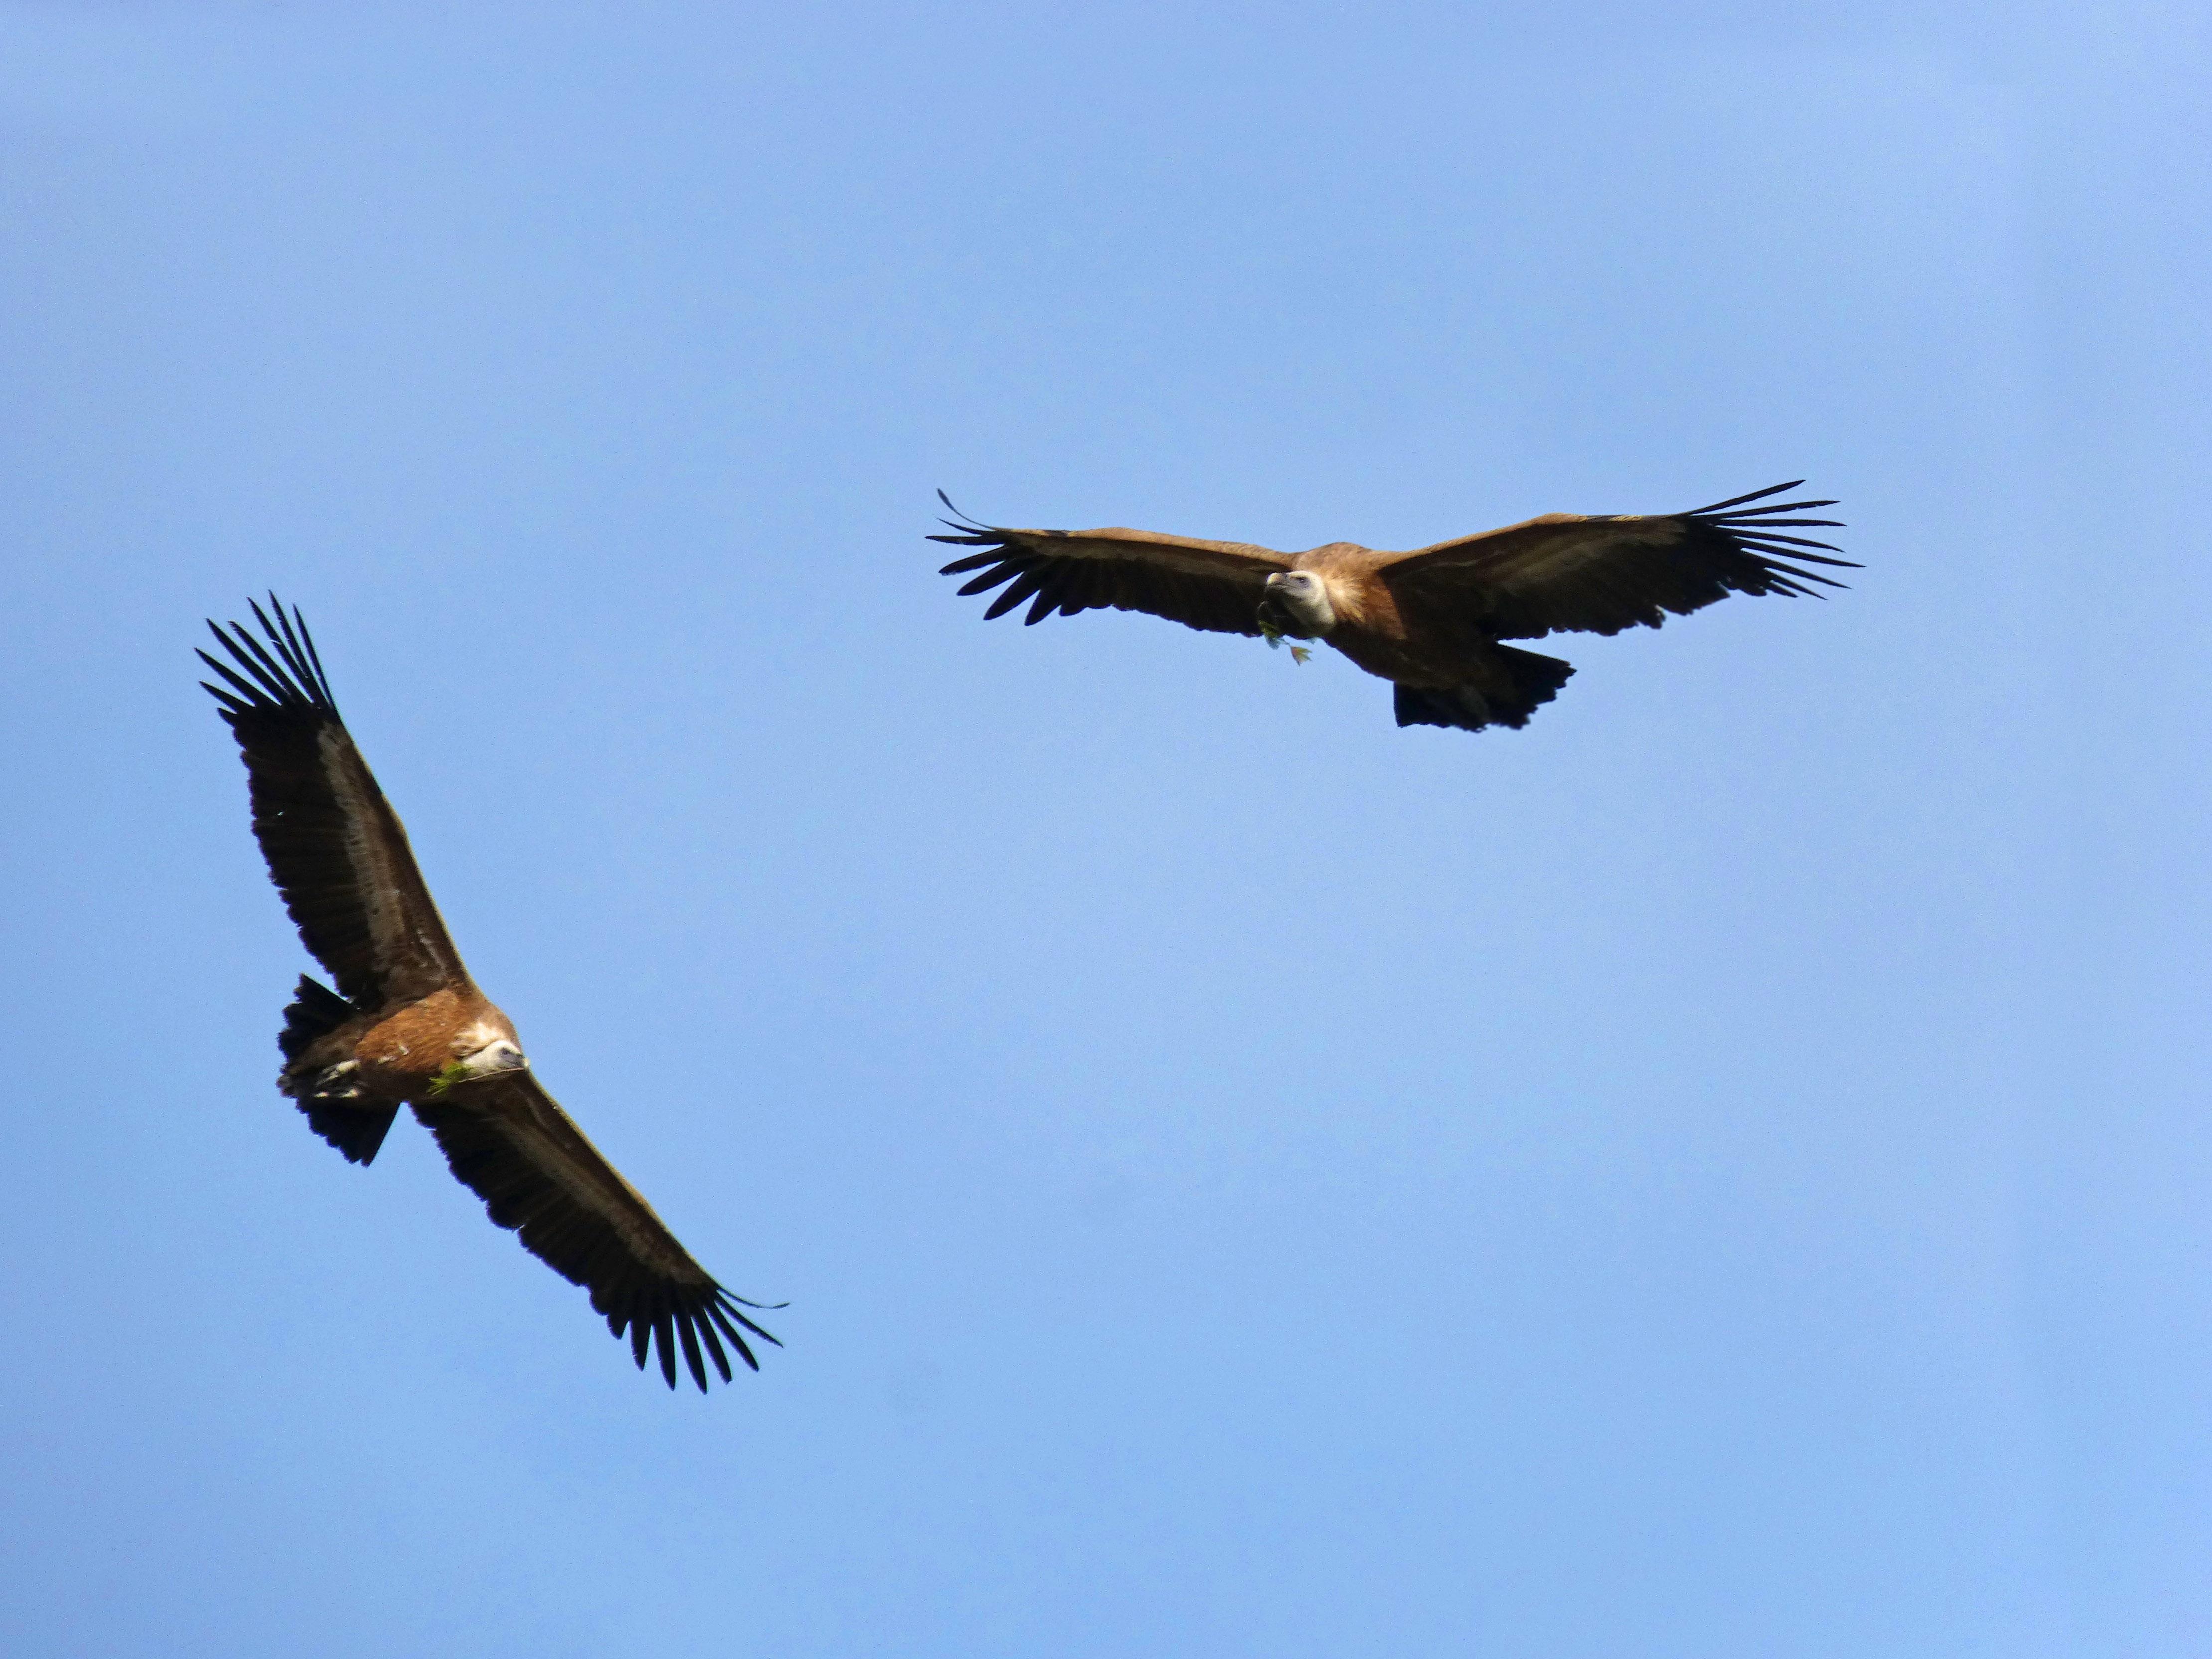 картинка два орла в небе если они